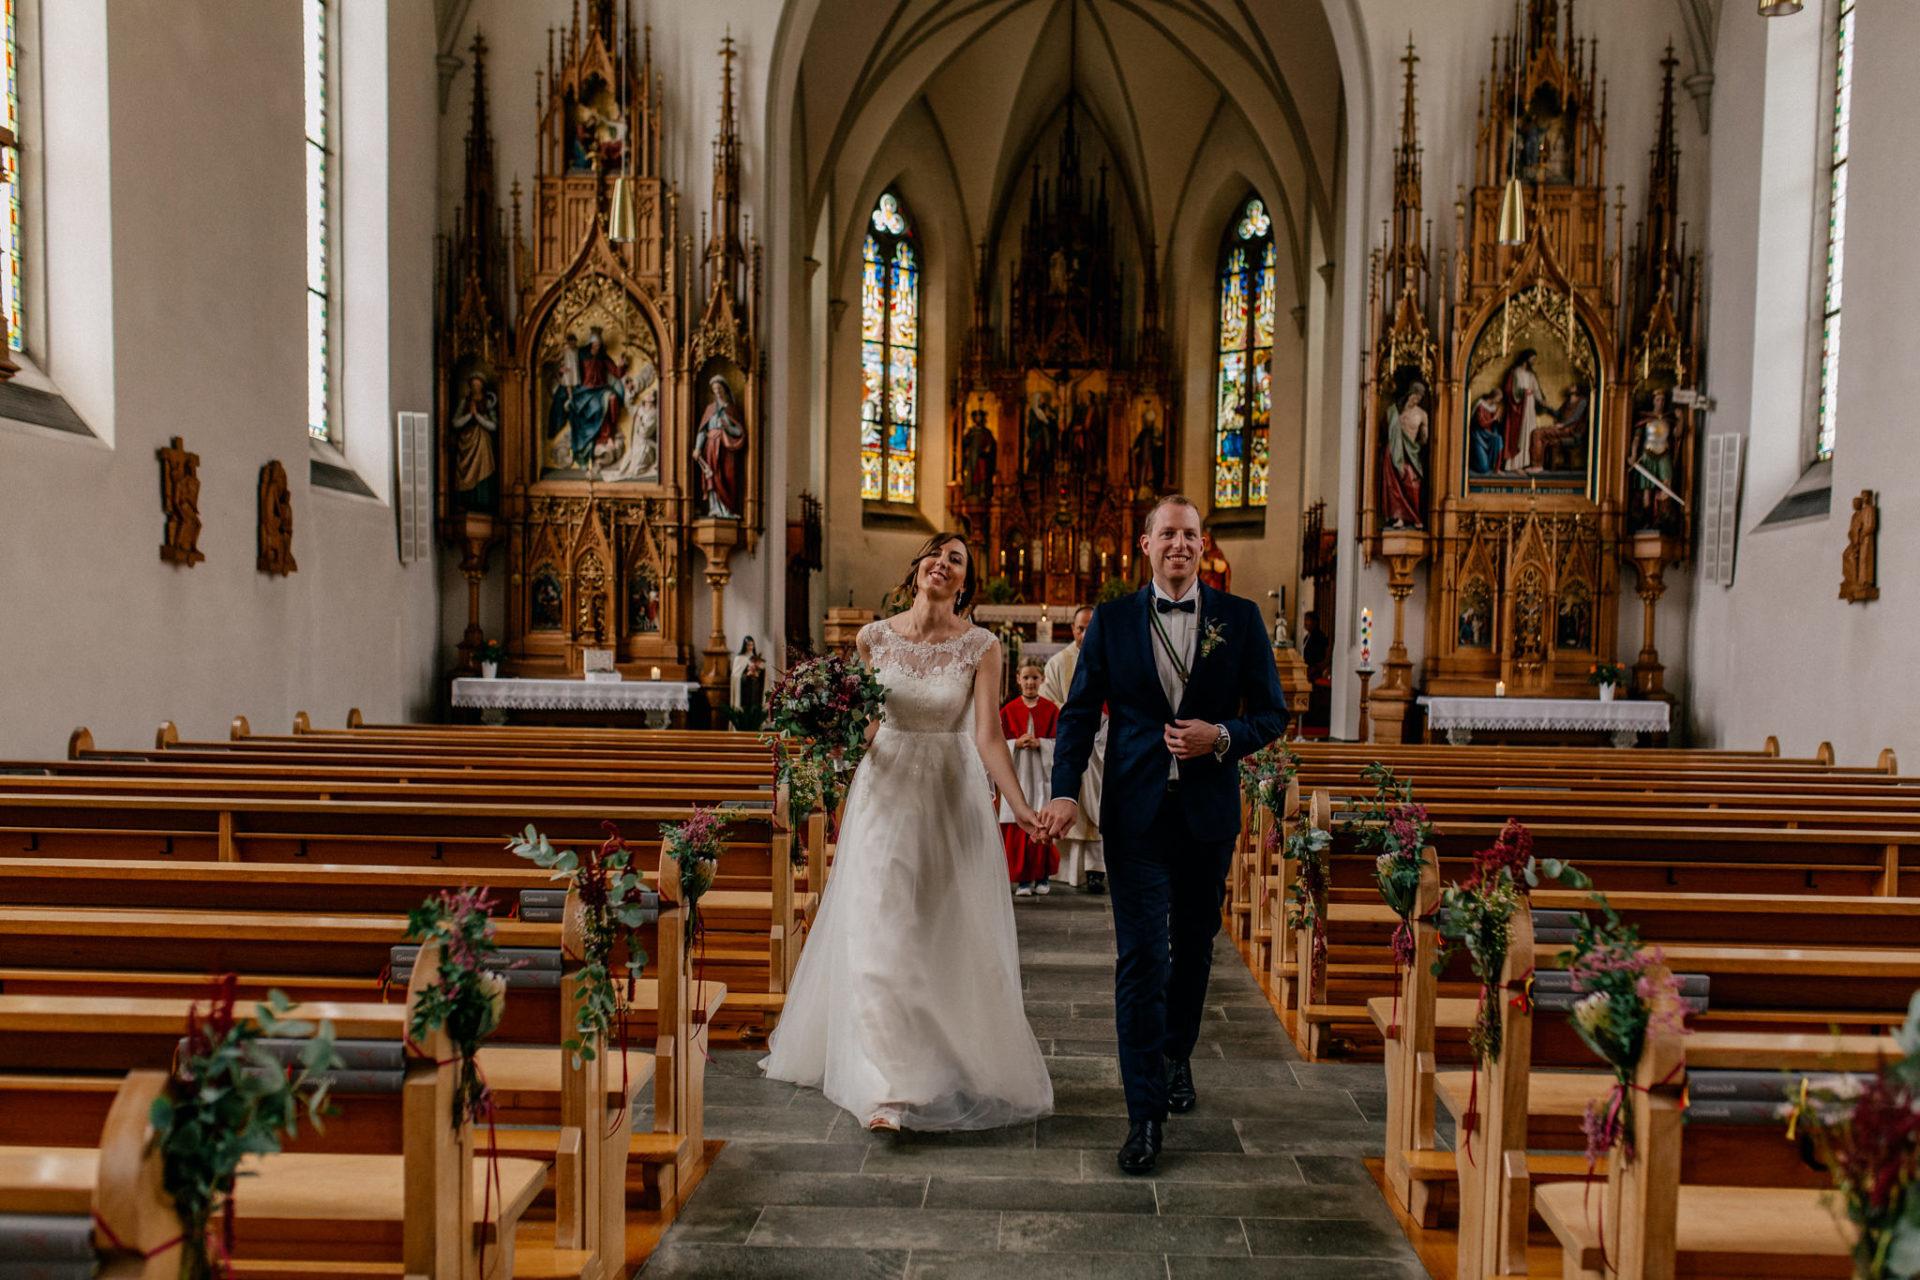 Hochzeitsfotograf Vorarlberg-Hüttenhochzeit-fraxern Kirche